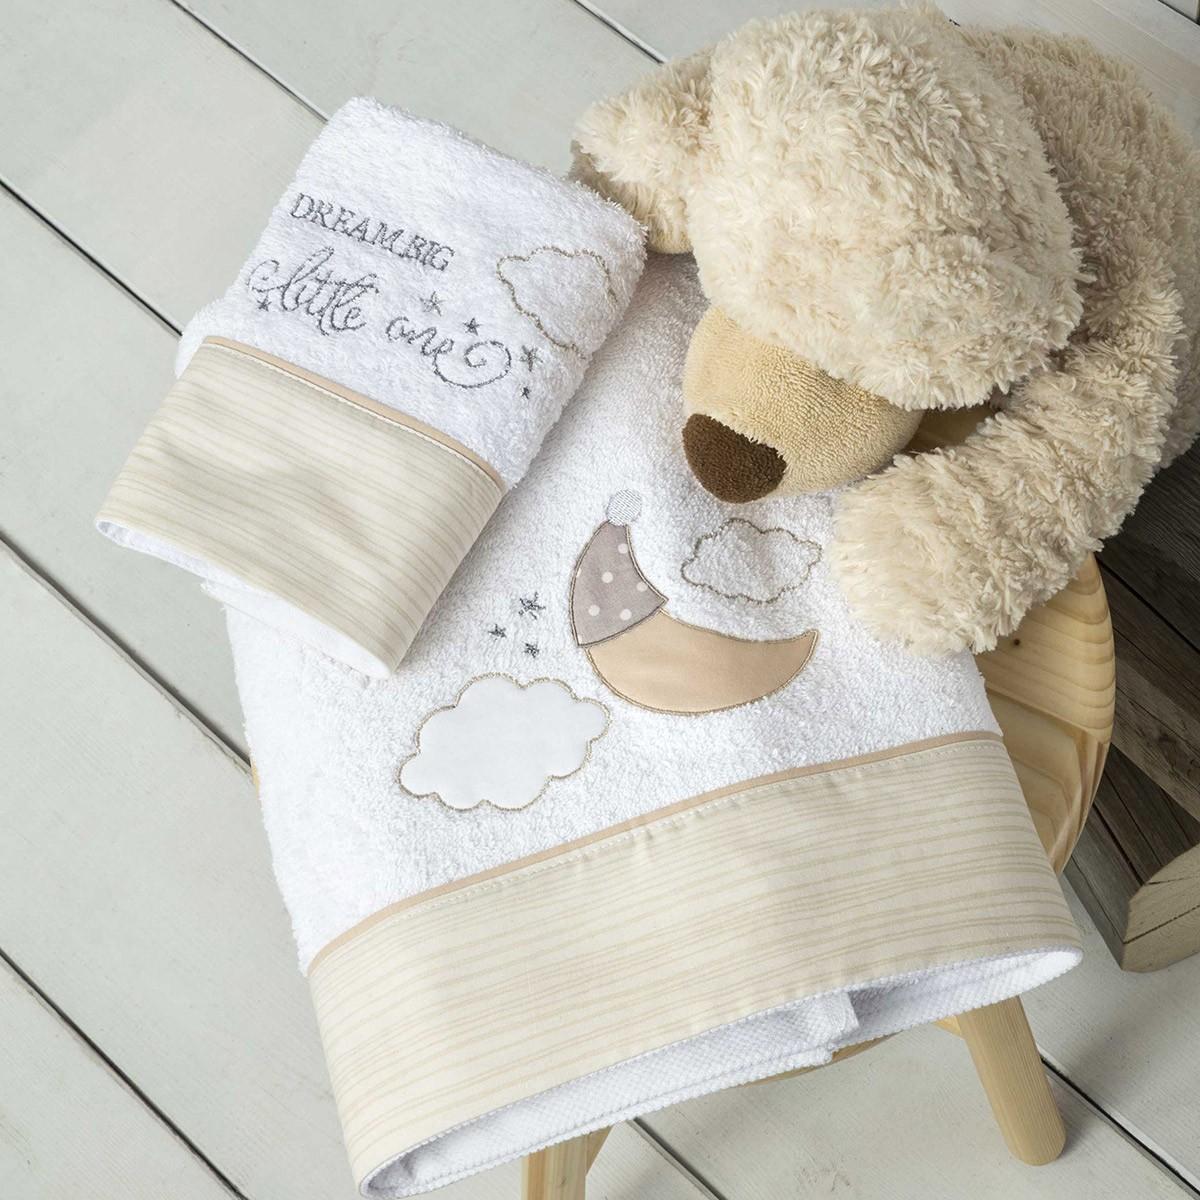 Βρεφικές Πετσέτες (Σετ 2τμχ) Nima Baby Little One